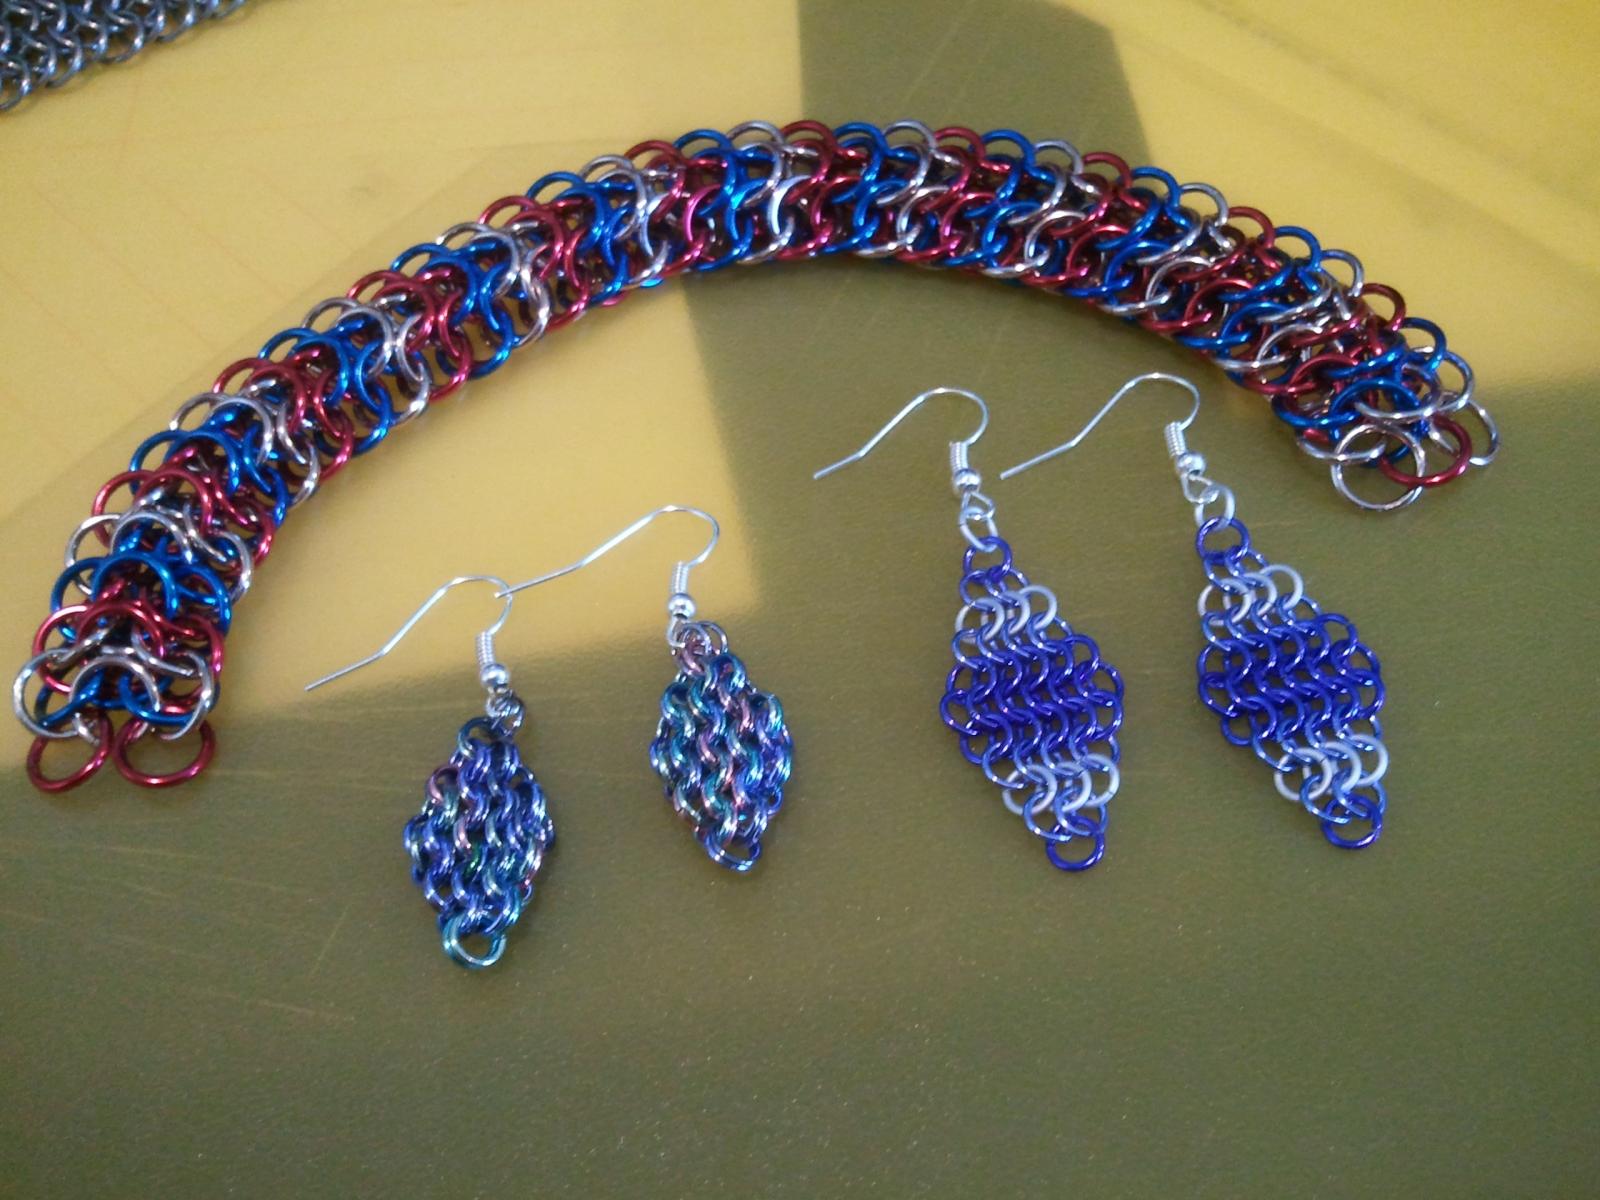 2 Pairs of Earrings w/ Dragonback Bracelet